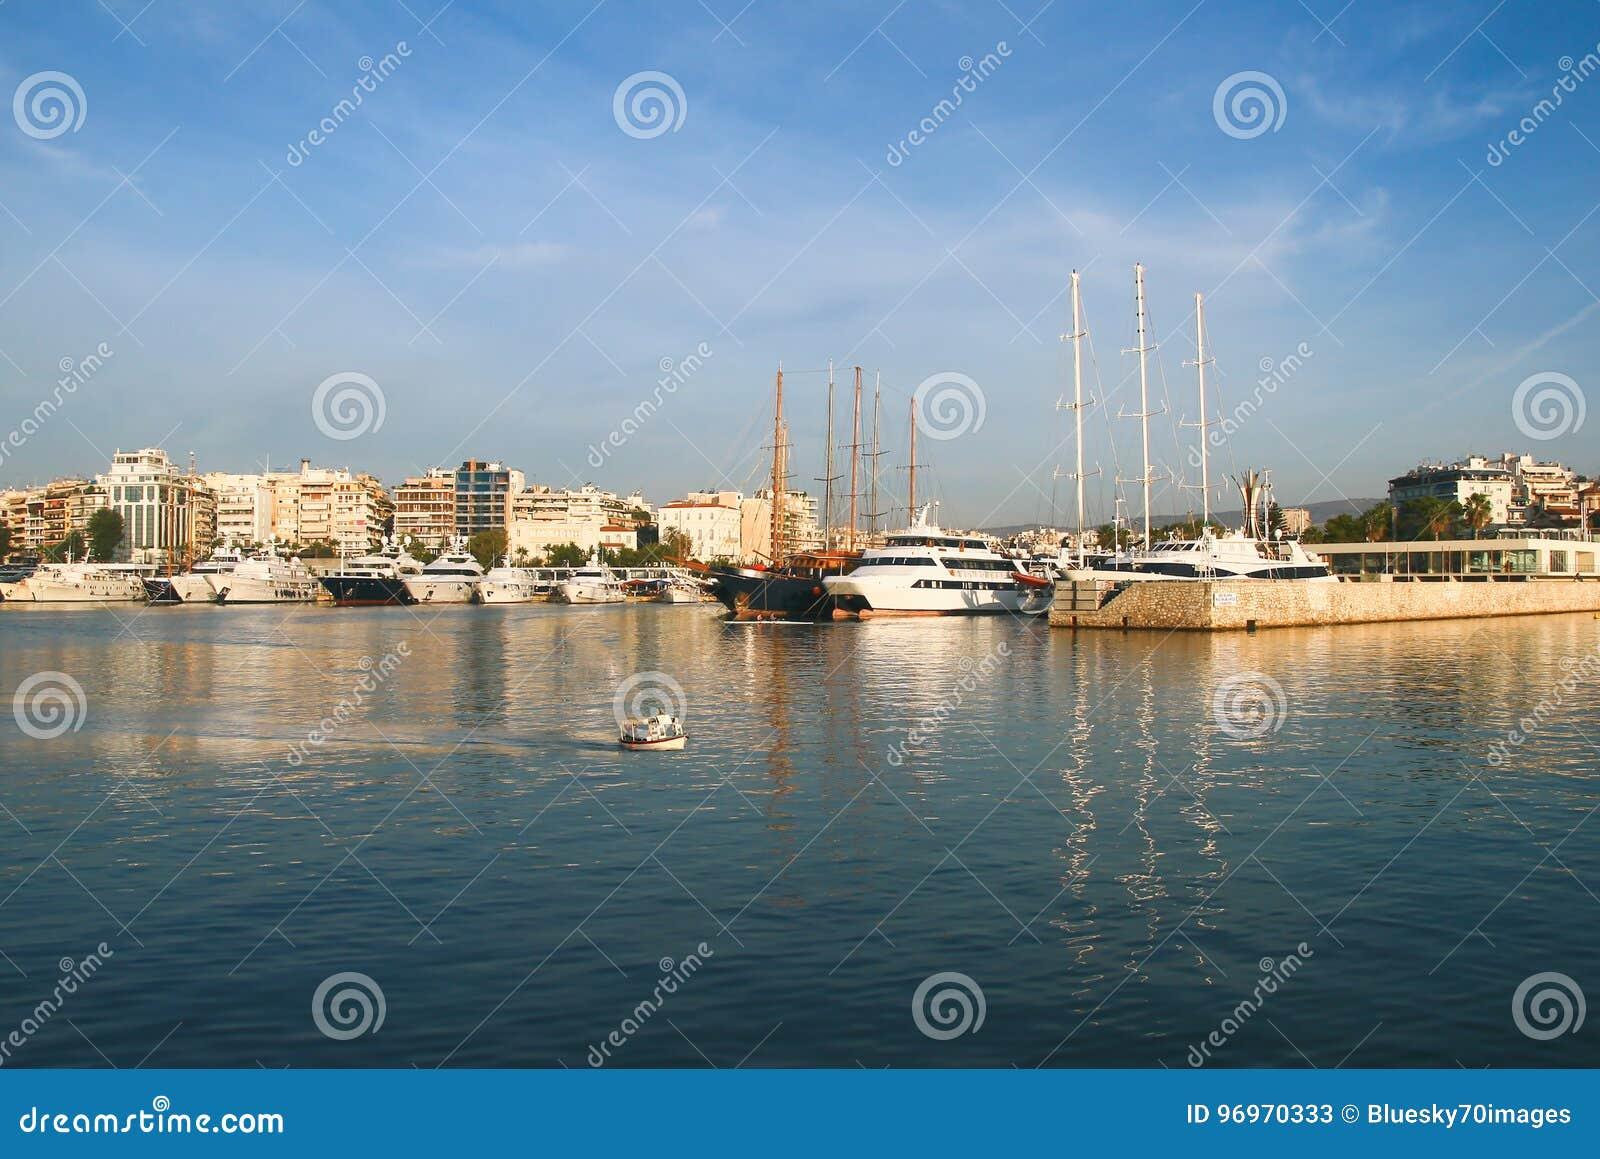 Navigação, barcos de motor e um barco de pesca pequeno que cruza águas calmas no porto do porto Zeas Pireas Greece